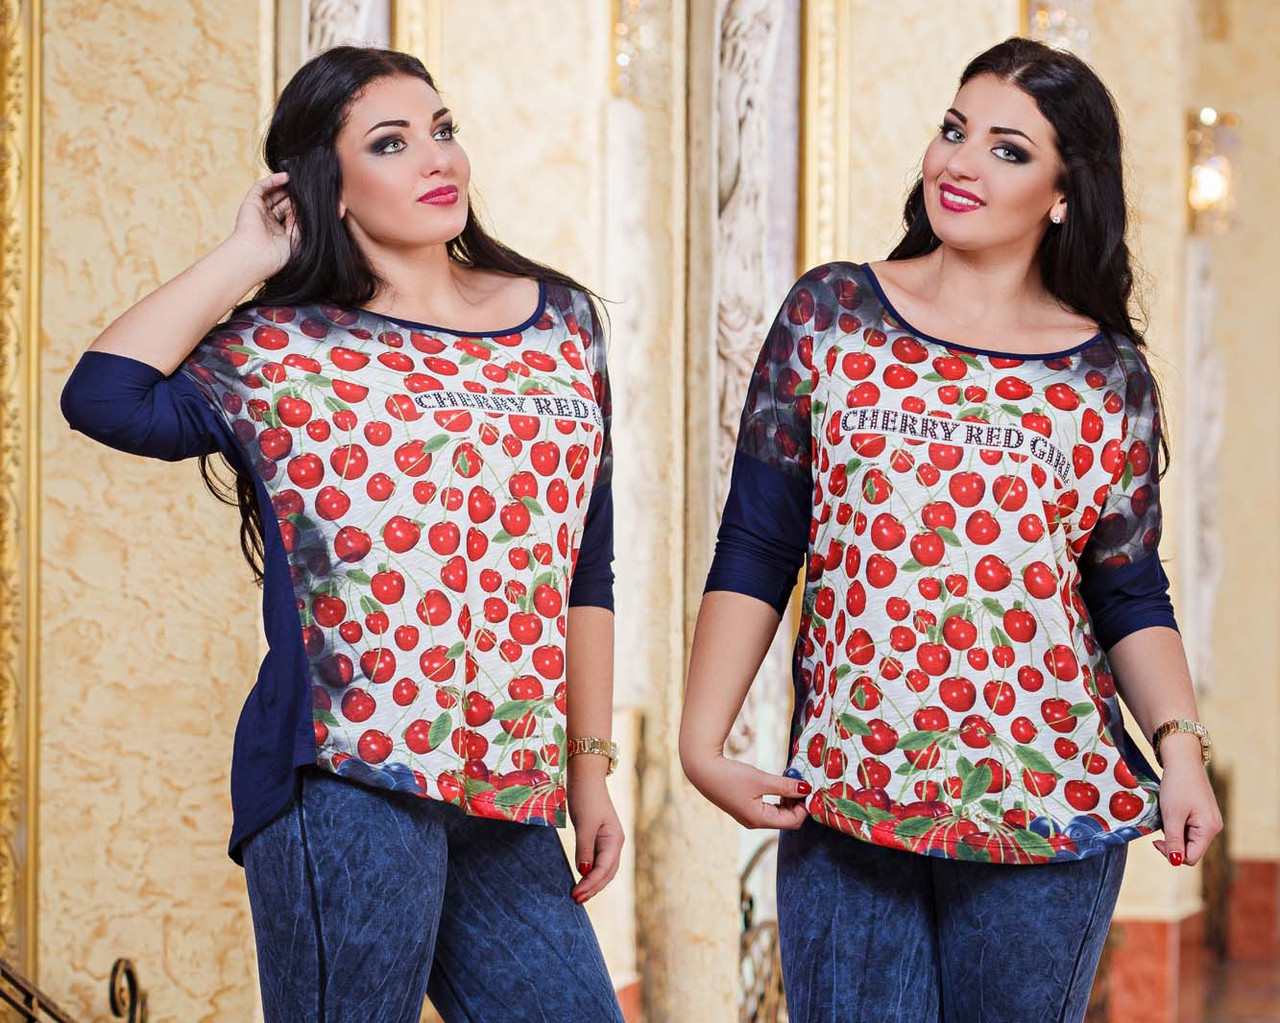 """Женская стильная туника в больших размерах 2814 """"CHERRY RED GIRL"""" - """"Пальмира"""" - прямой поставщик модной одежды оптом и в розницу от производителя в Одессе"""